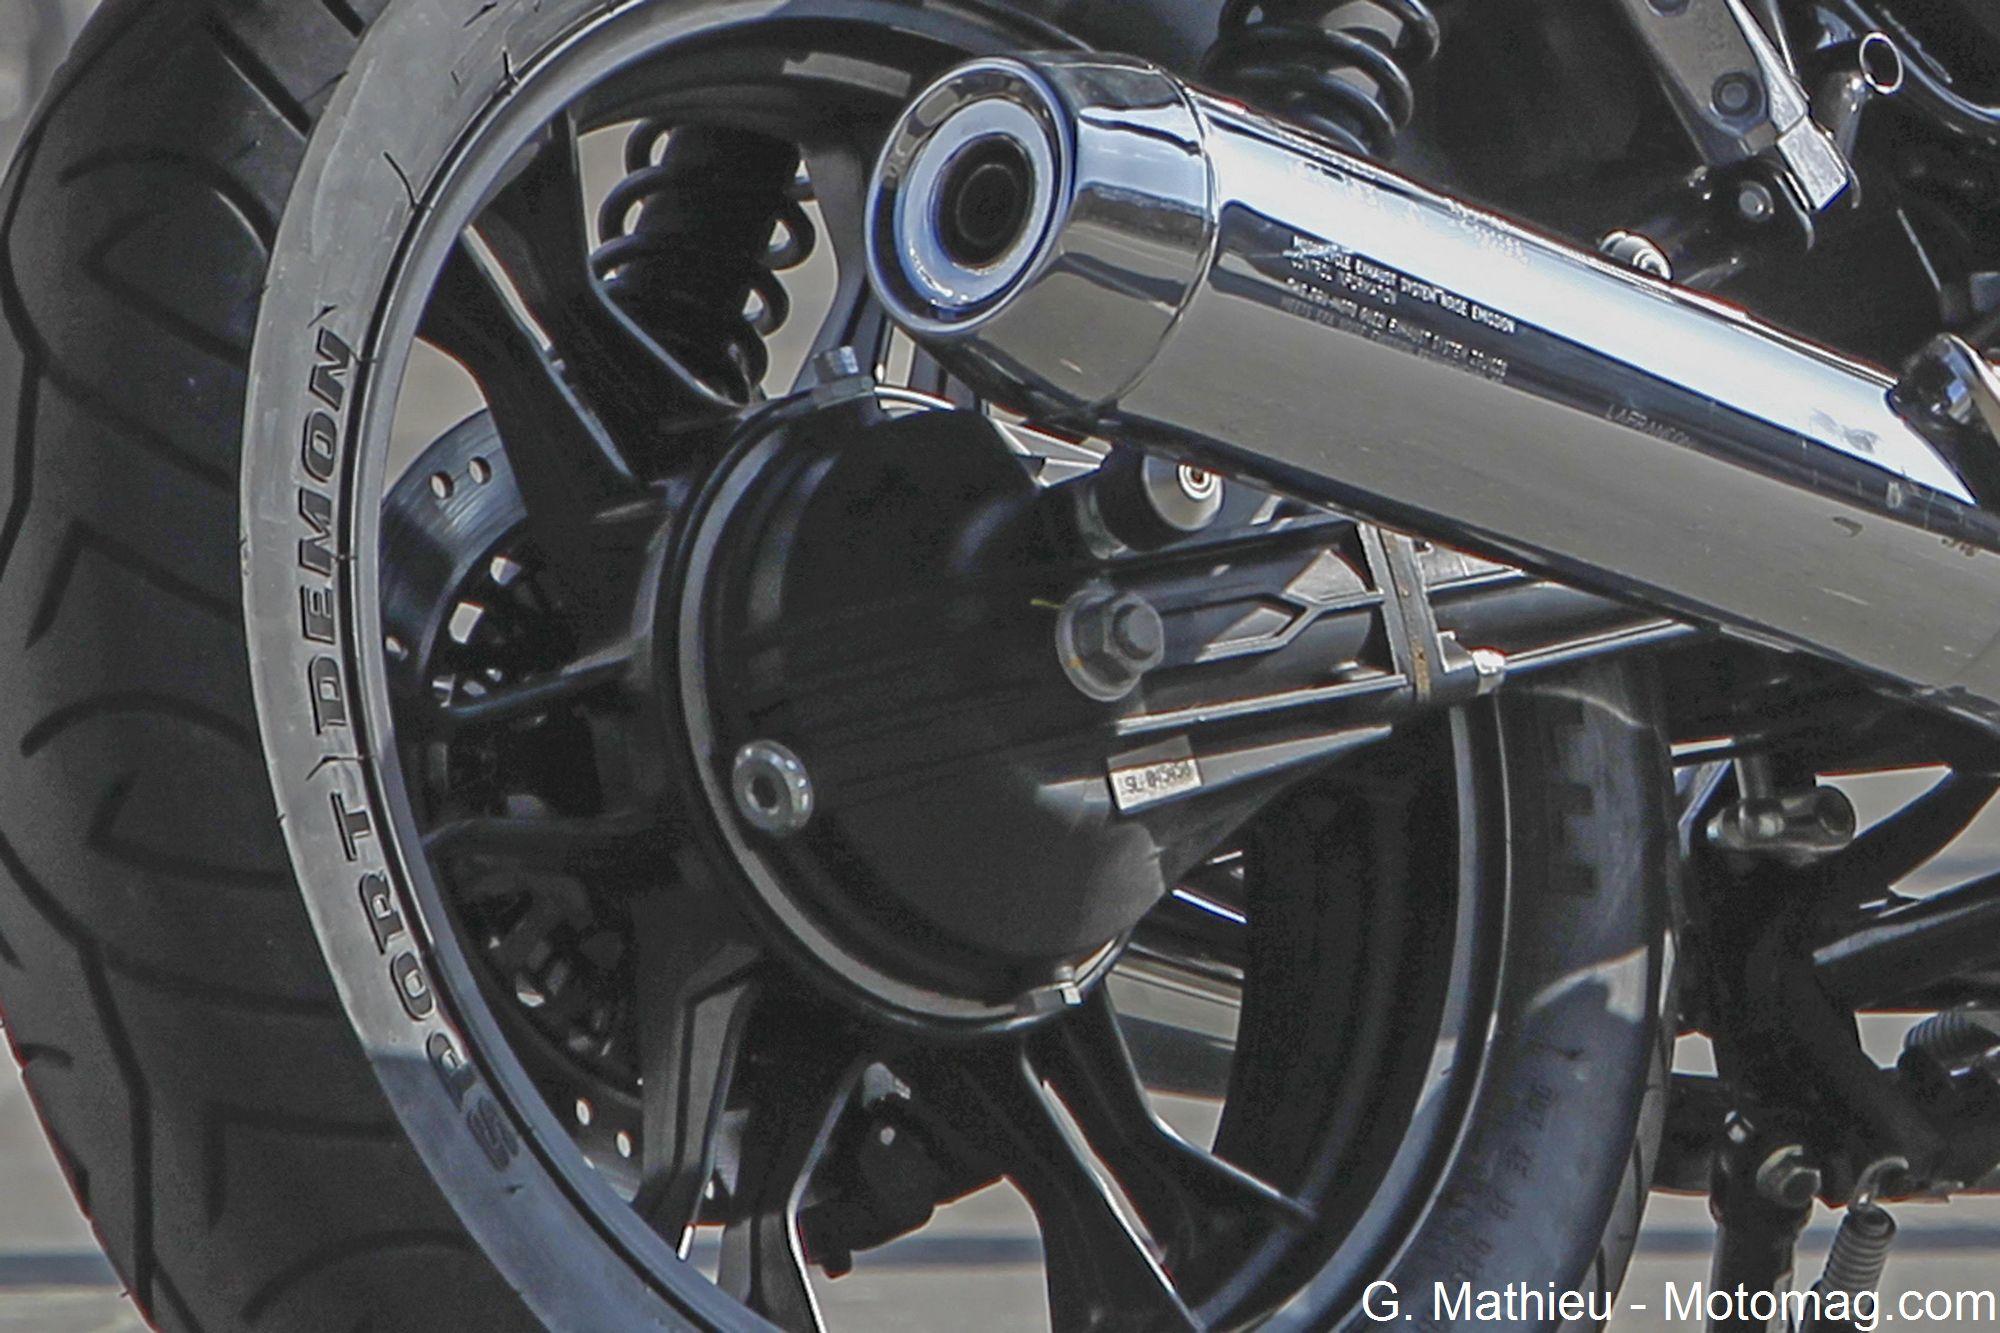 moto guzzi v7 ii stone plaisir de rouler moto magazine leader de l actualit de la moto et. Black Bedroom Furniture Sets. Home Design Ideas